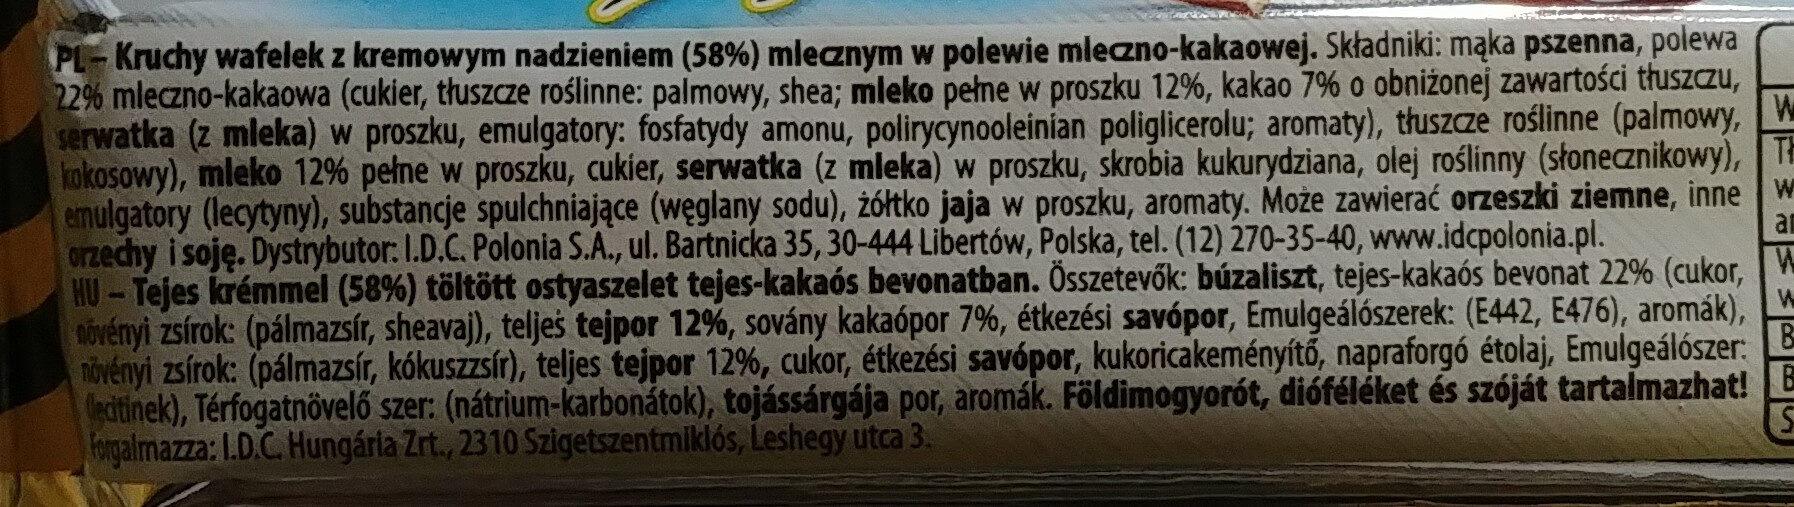 Kruchy wafelek z kremowym nadzieniem (58%) mlecznym w polewie mleczno-kakaowej - Składniki - pl